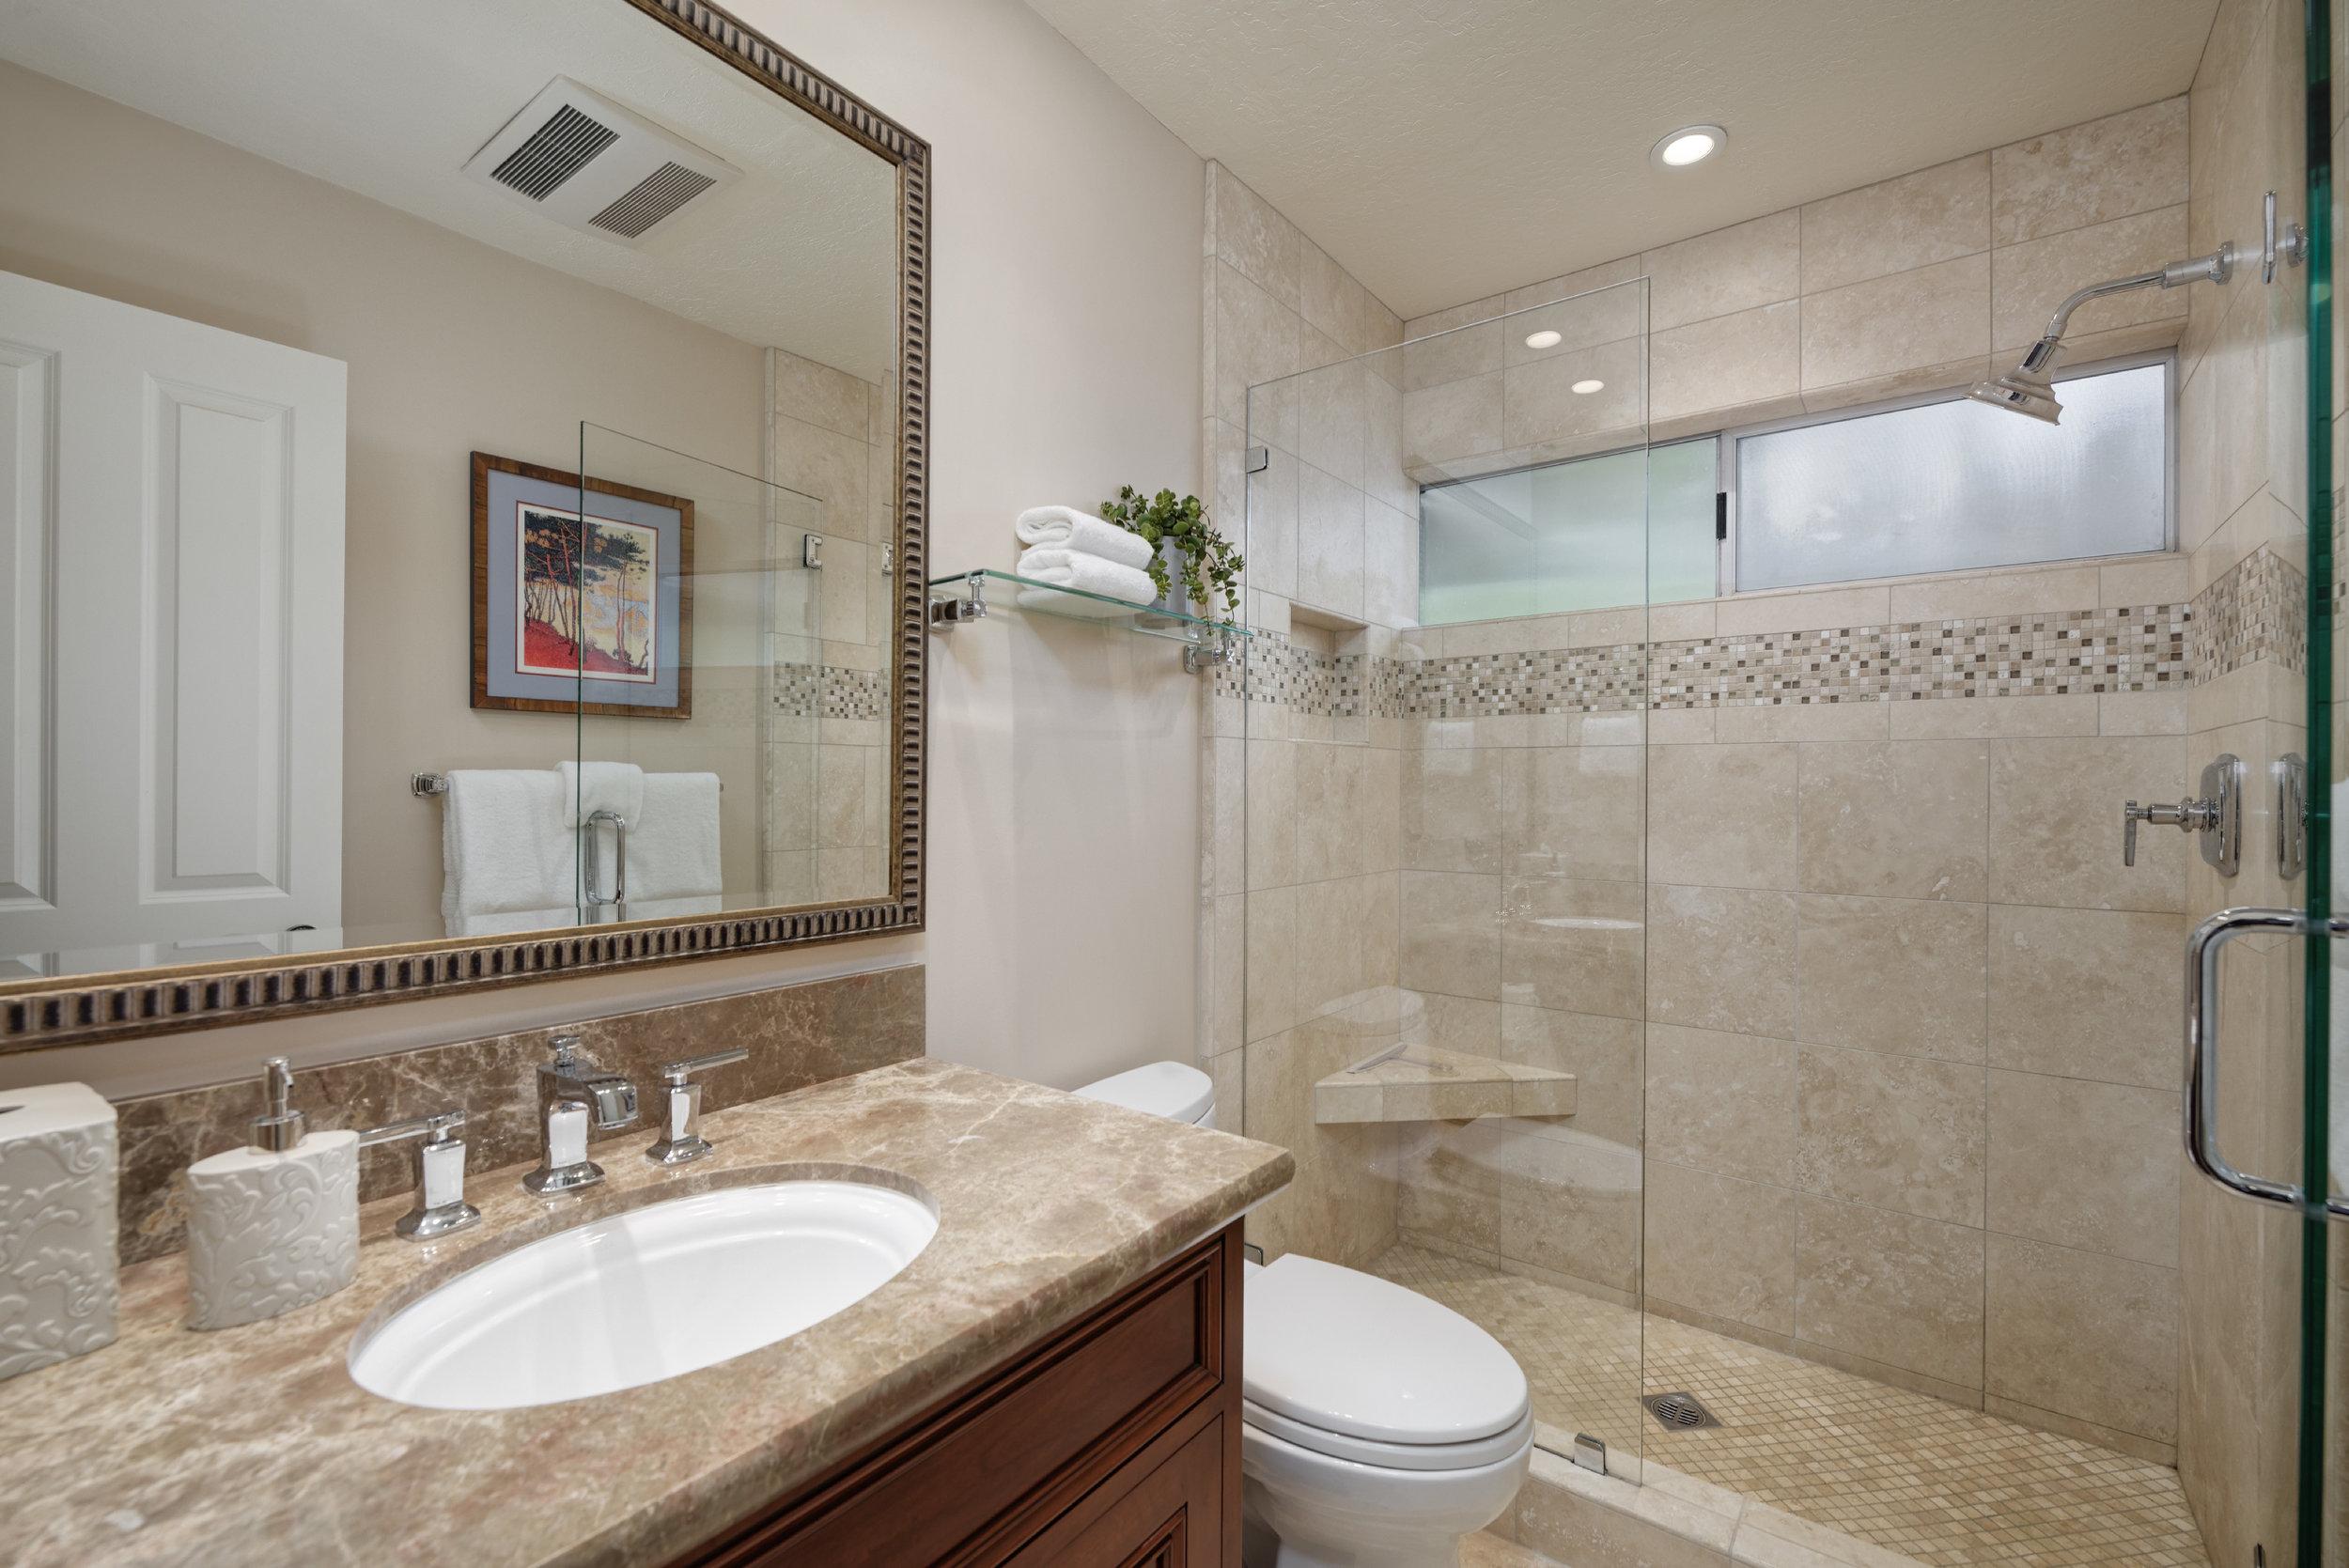 27_Bedrm Bath.jpg